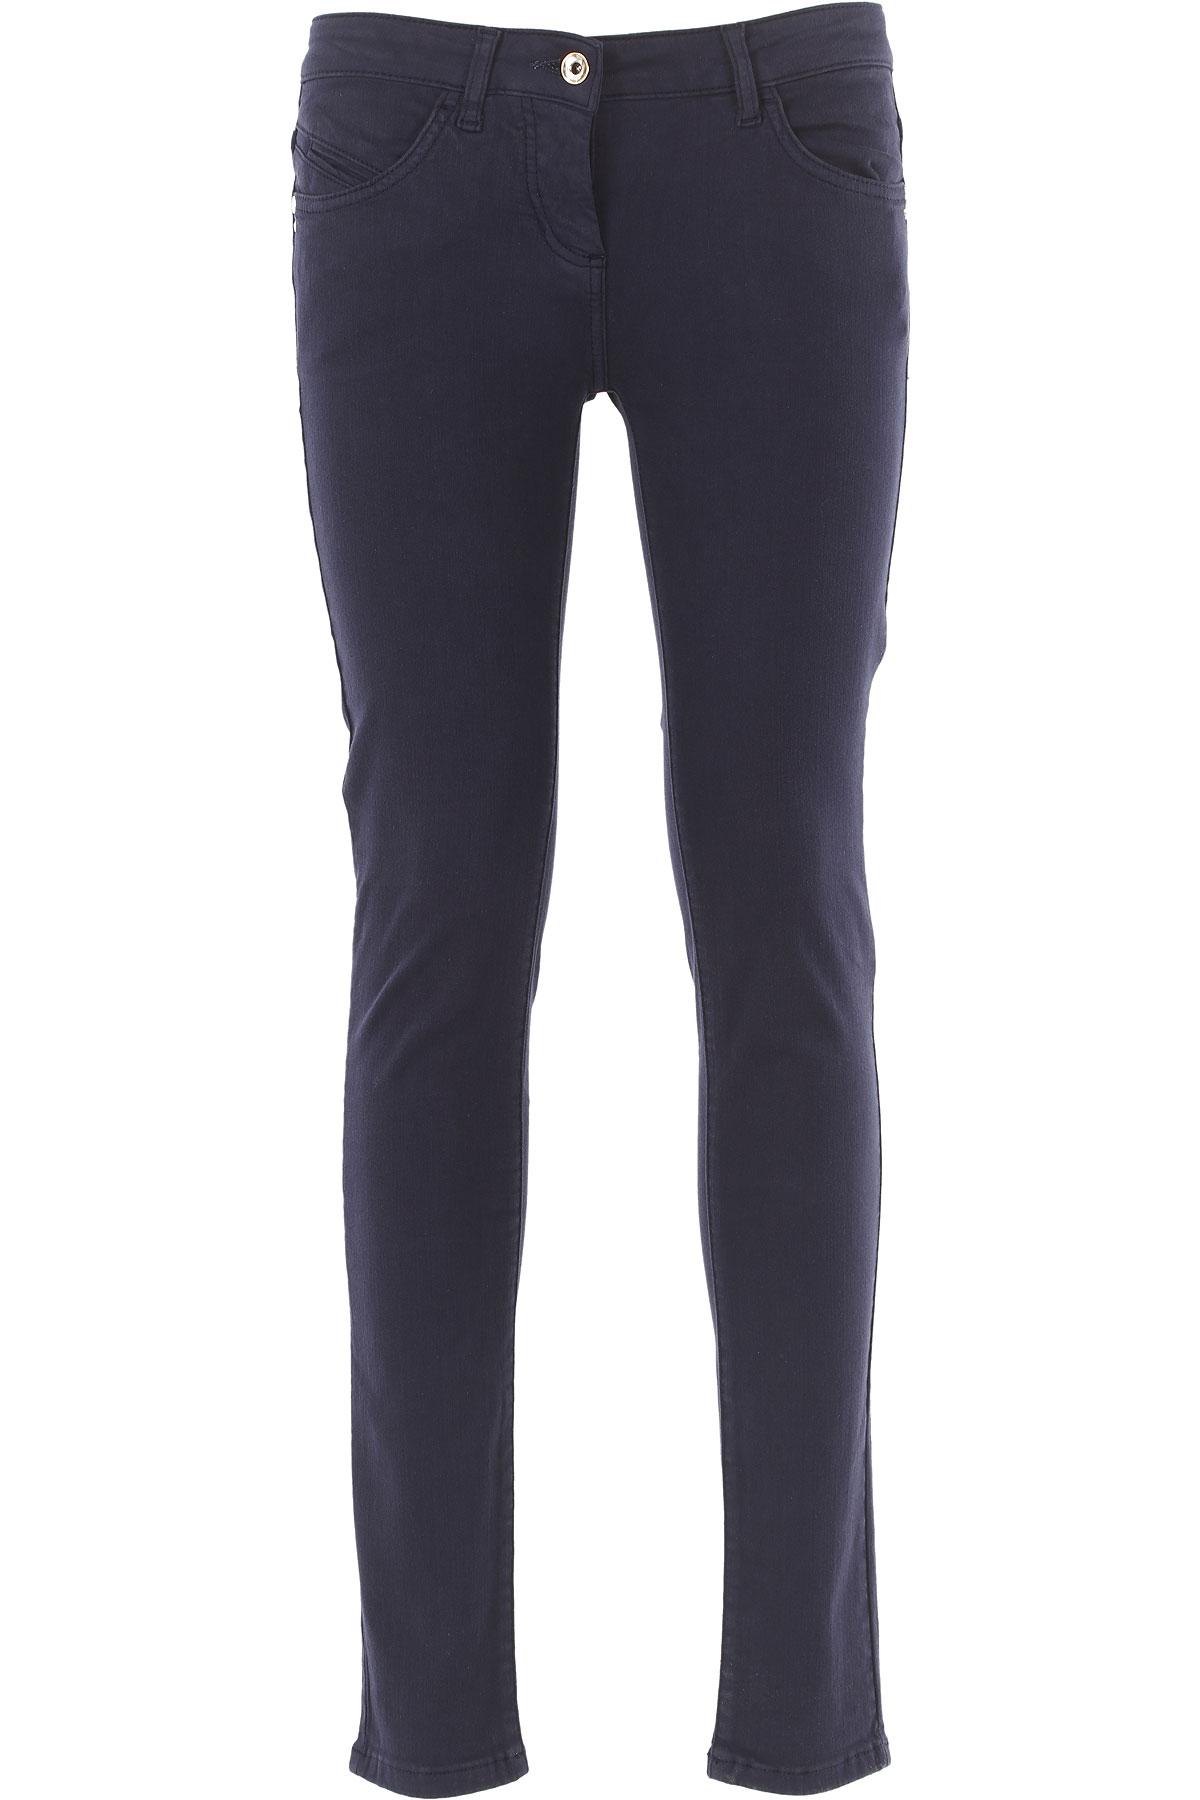 Patrizia Pepe Jeans On Sale, Lapis Blue, Cotton, 2017, 26 29